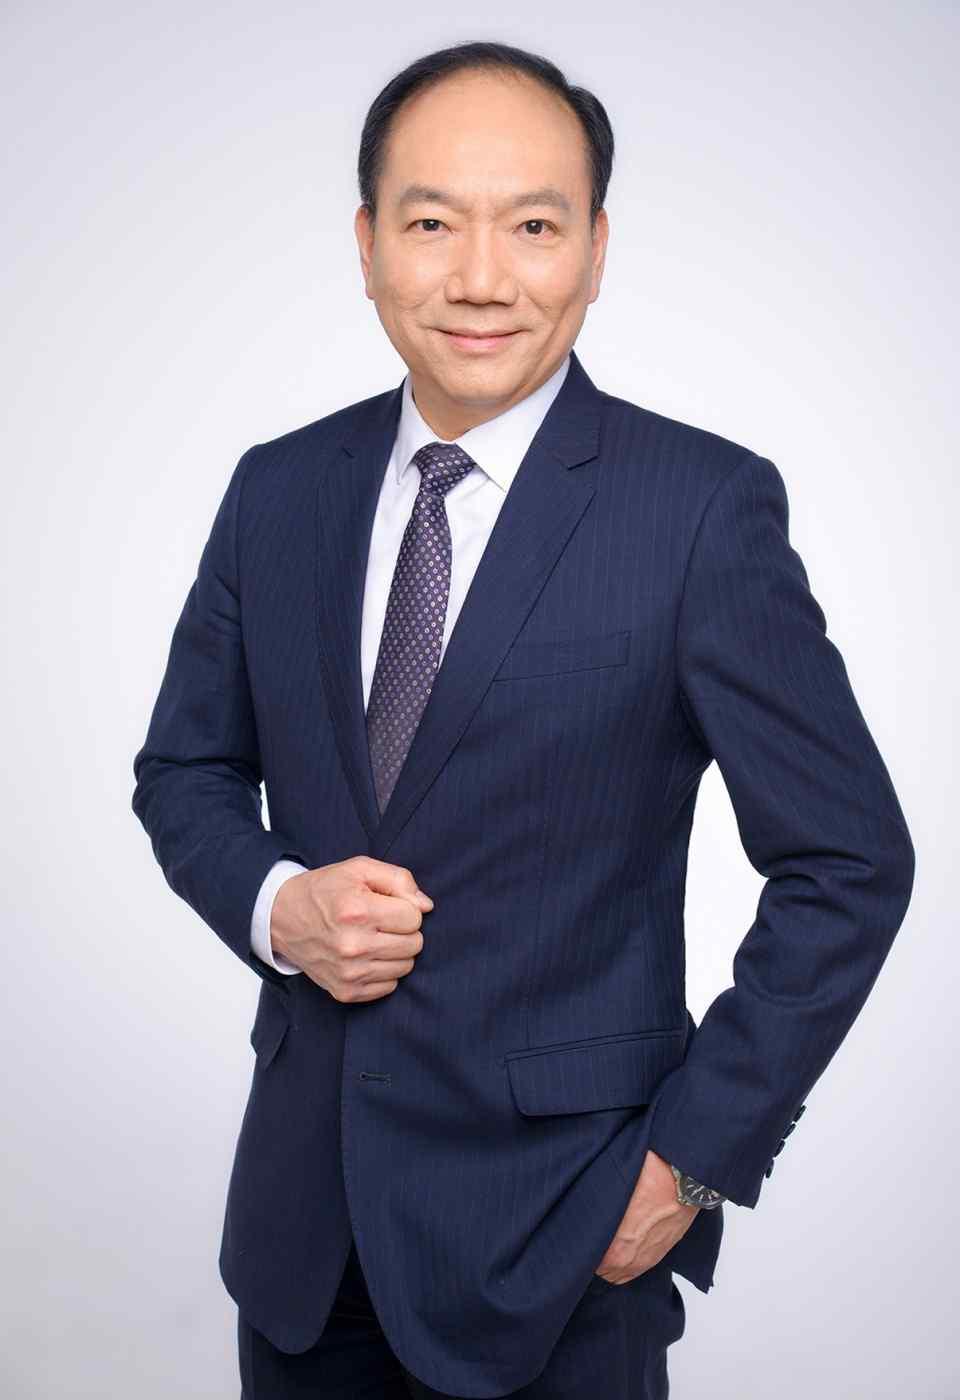 江培材先生出任北京粤财JW万豪酒店总经理